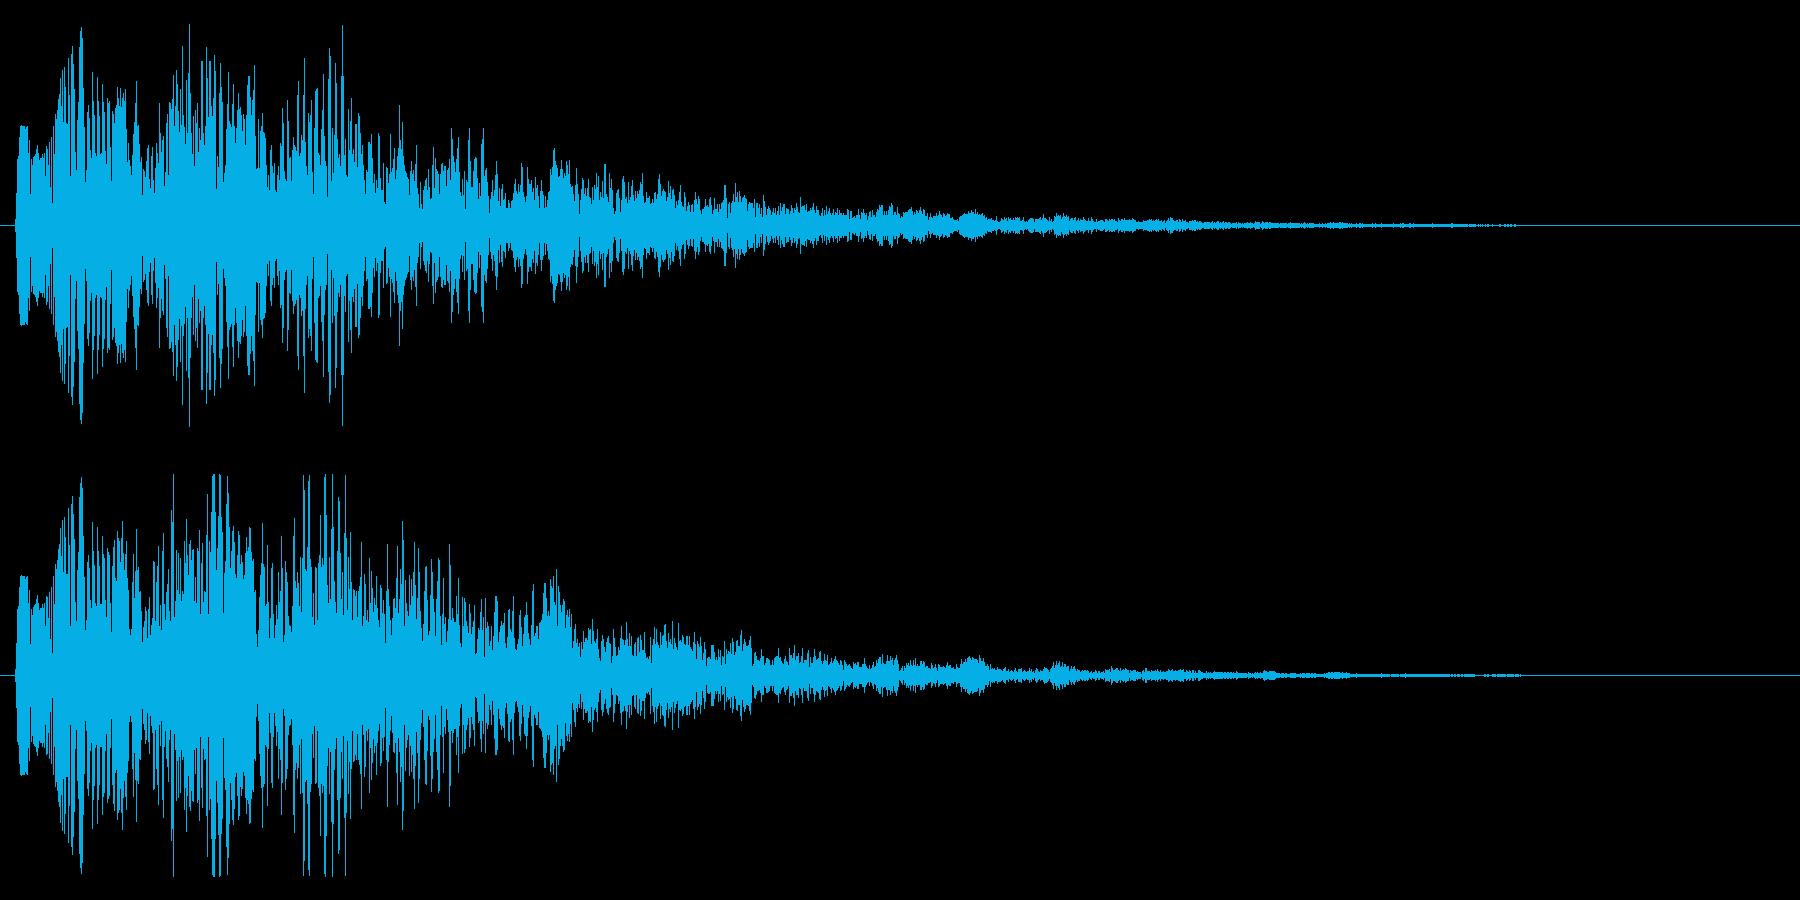 魔法音 魔法ダメージ パワーダウン 闇の再生済みの波形